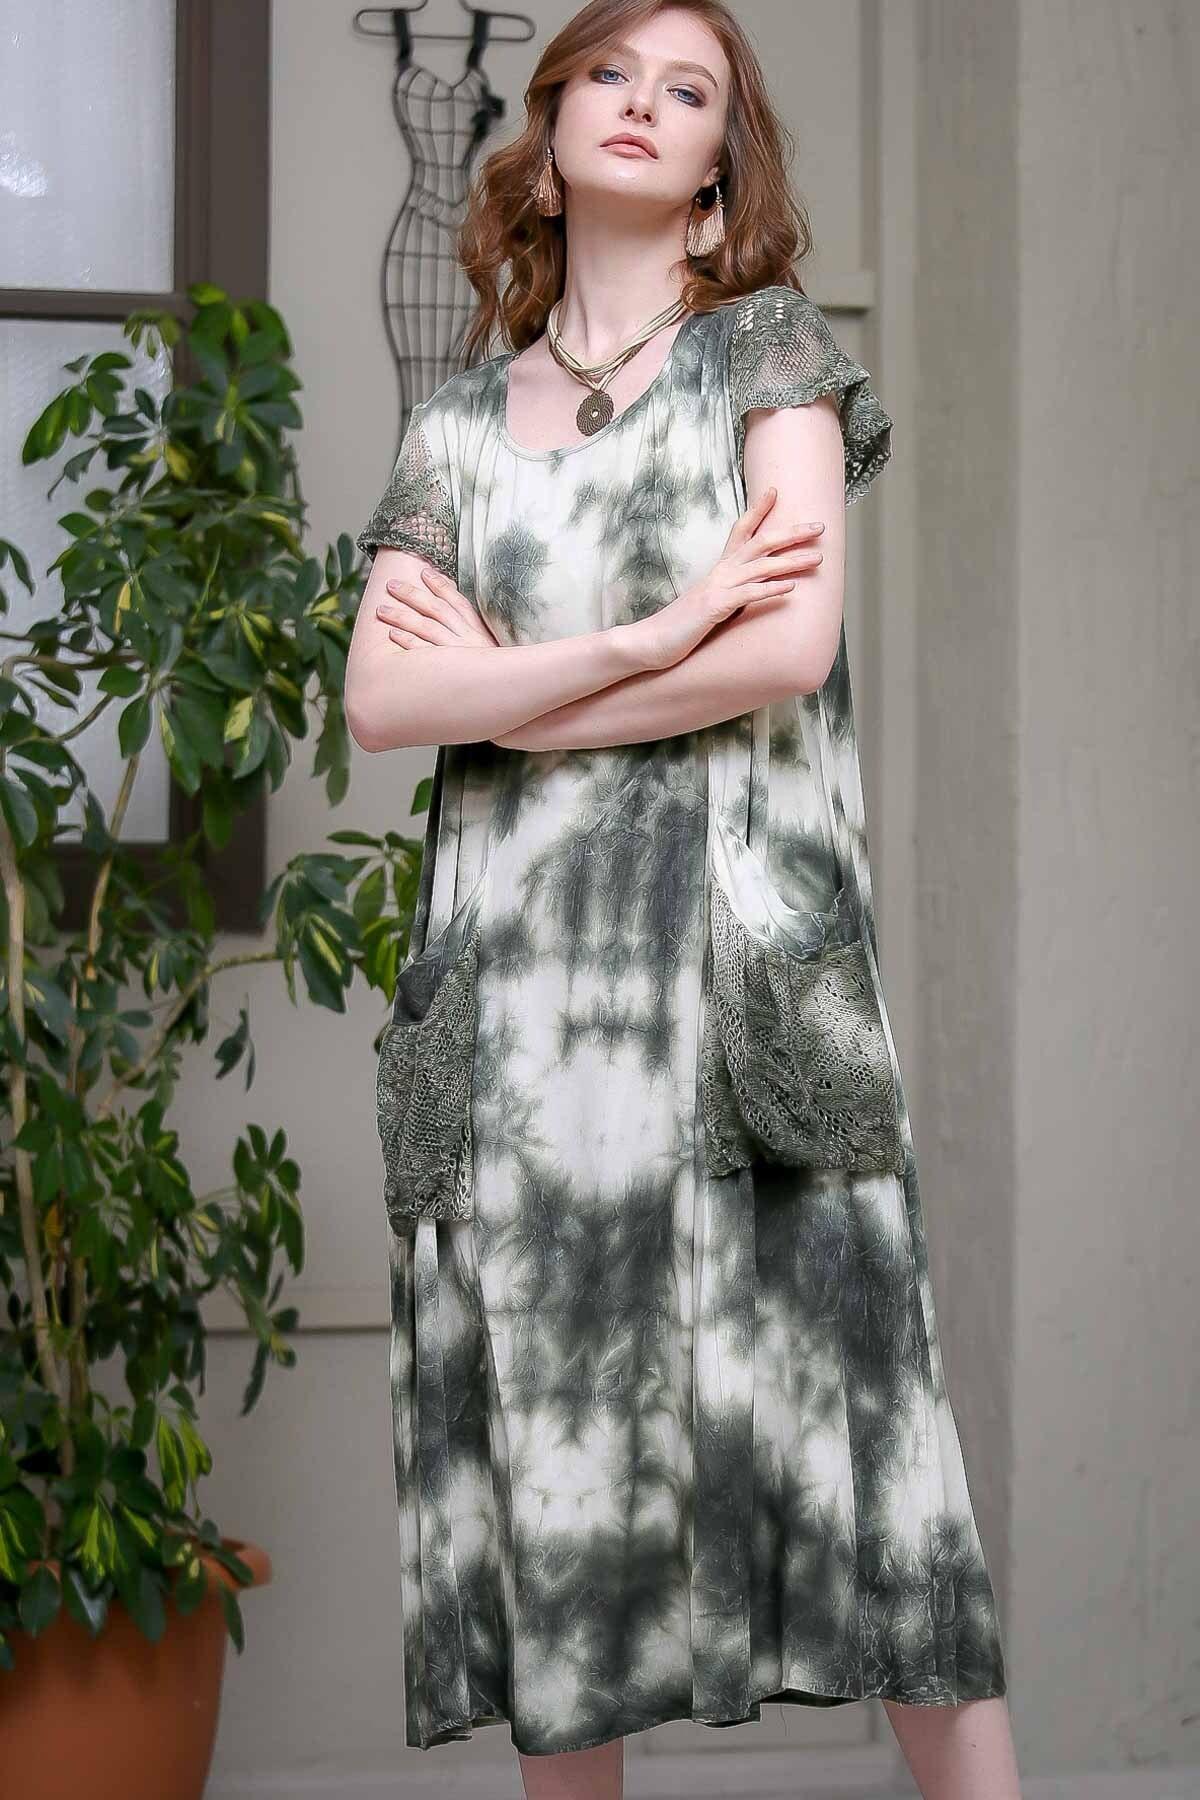 Chiccy Kadın Yeşil Desenli Dantel Kol Ve Cep Detaylı Salaş Yıkamalı Astarlı Dokuma Elbise  M10160000EL97244 0